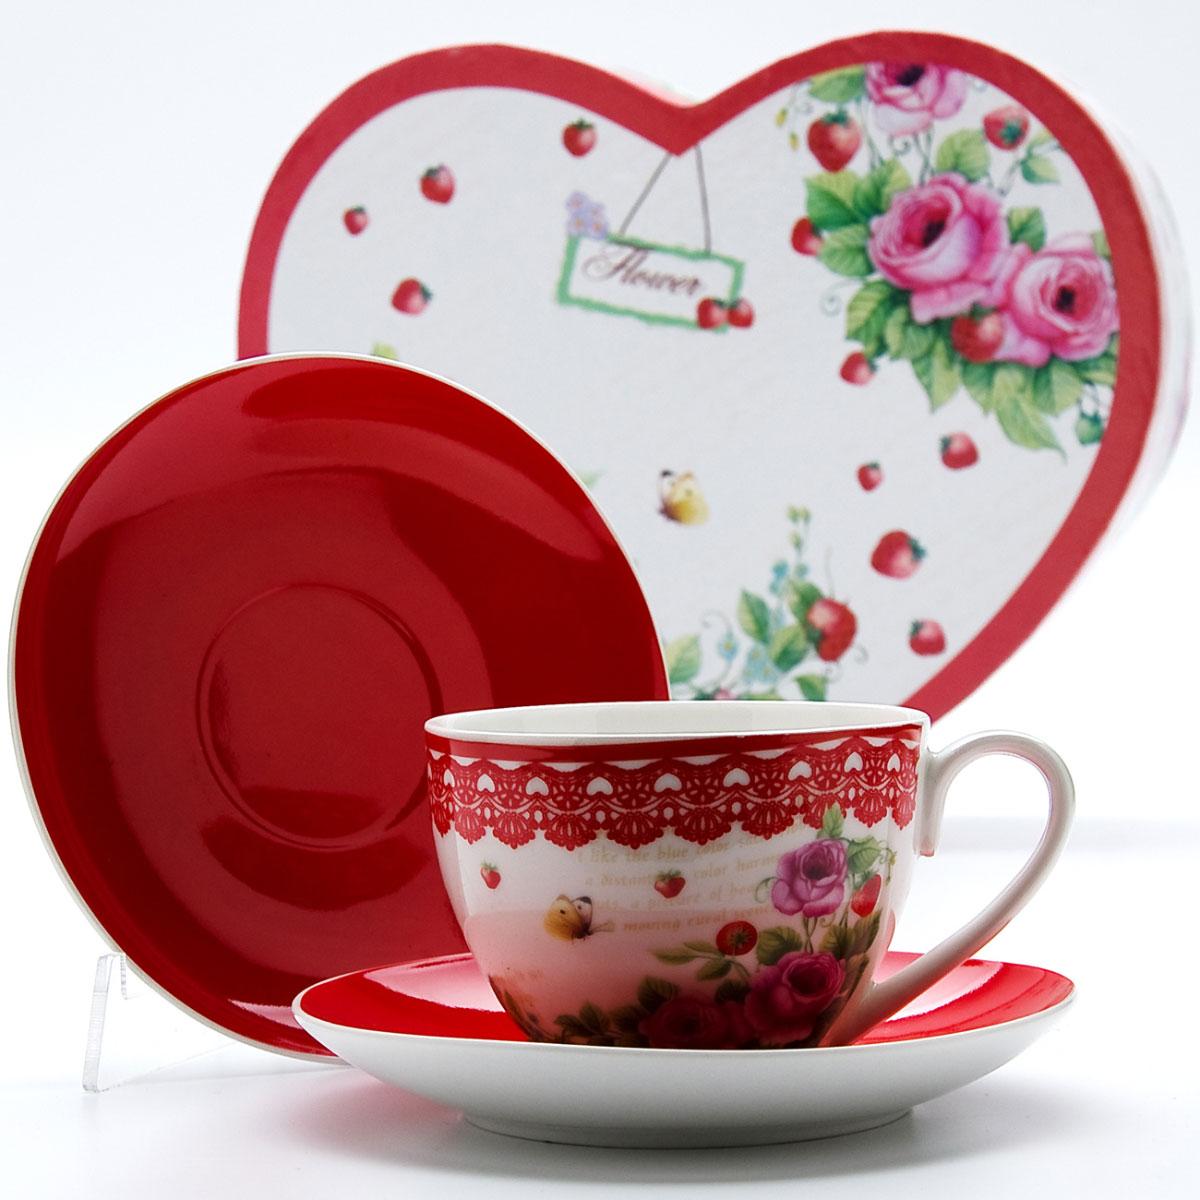 Чайная пара Mayer & Boch Клубничка, 4 предмета22994Этот чайный набор, выполненный из высококачественного костяного фарфора, состоит из двух чашек и двух блюдец. Предметы набора оформлены ярким изображением цветов. Изящный дизайн и красочность оформления придутся по вкусу и ценителям классики, и тем, кто предпочитает утонченность и изысканность. Чайный набор - идеальный и необходимый подарок для вашего дома и для ваших друзей в праздники, юбилеи и торжества! Он также станет отличным корпоративным подарком и украшением любой кухни. Чайный набор упакован в подарочную коробку в форме сердца из плотного цветного картона. Внутренняя часть коробки задрапирована белым атласом.